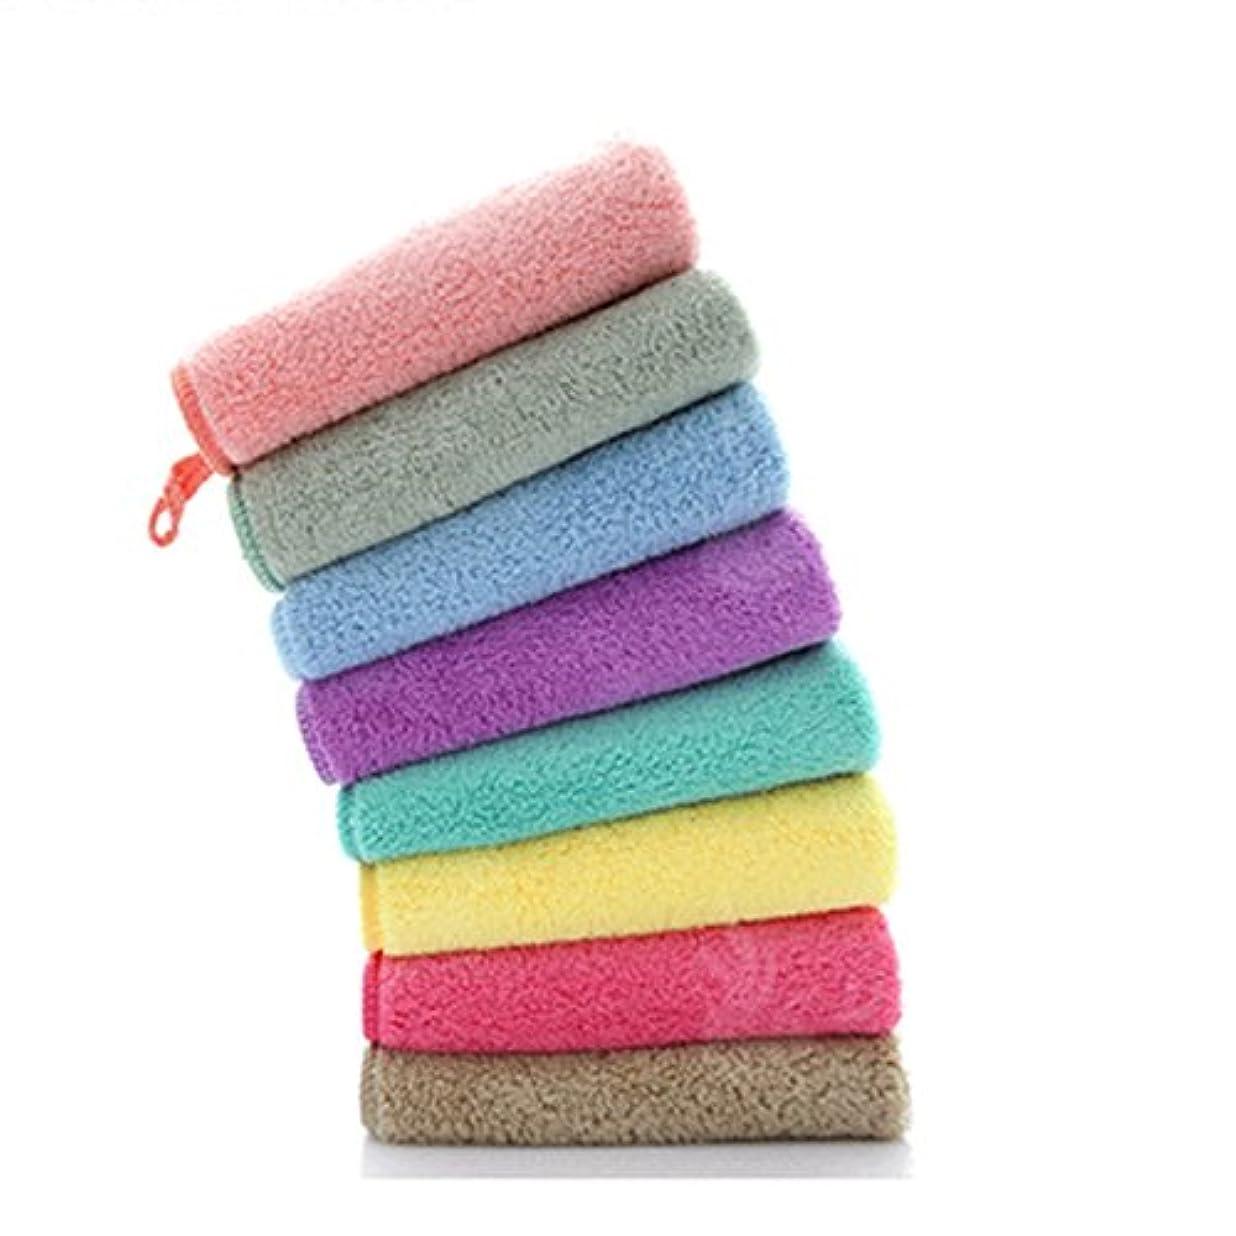 いう用心する腐食するSweetimes メイク落としタオル 超細繊維 ソフト 吸水 可愛い6色セット No.22